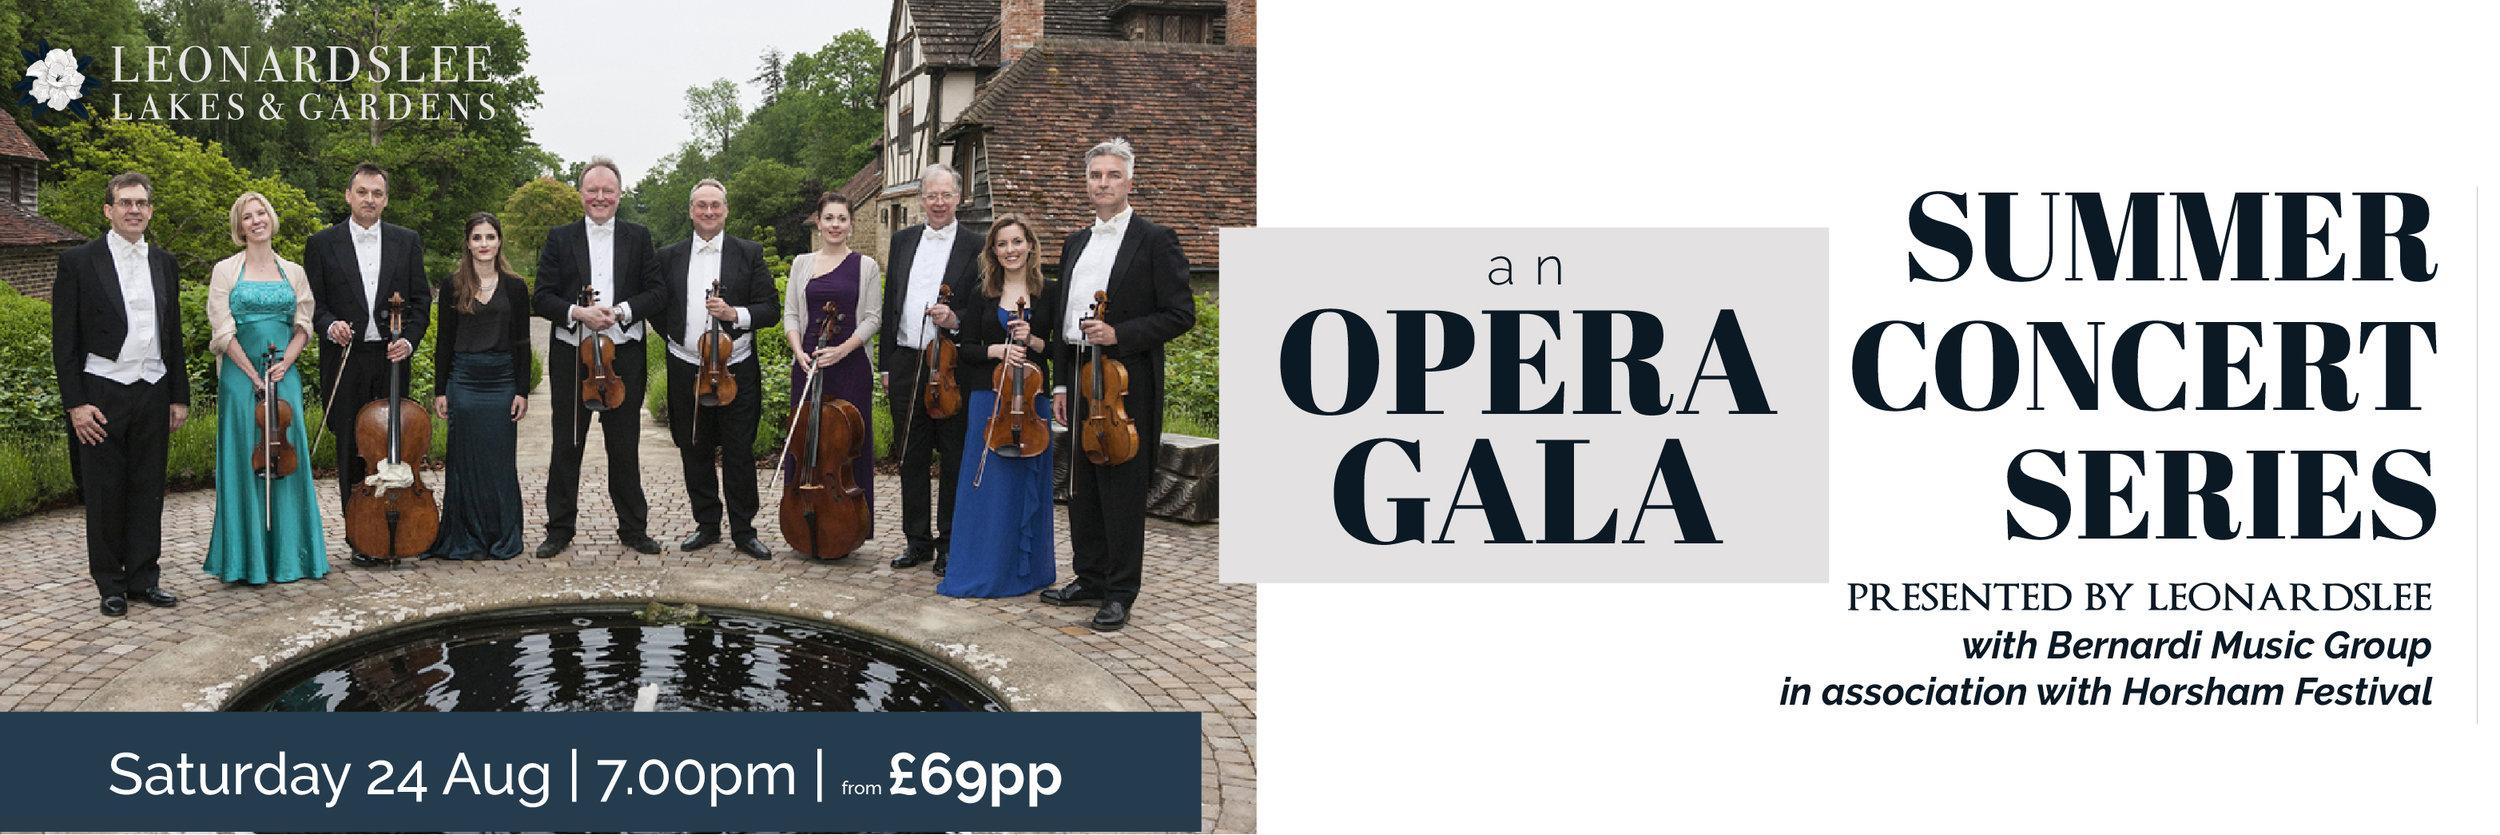 Opera gala Leonardslee.jpg